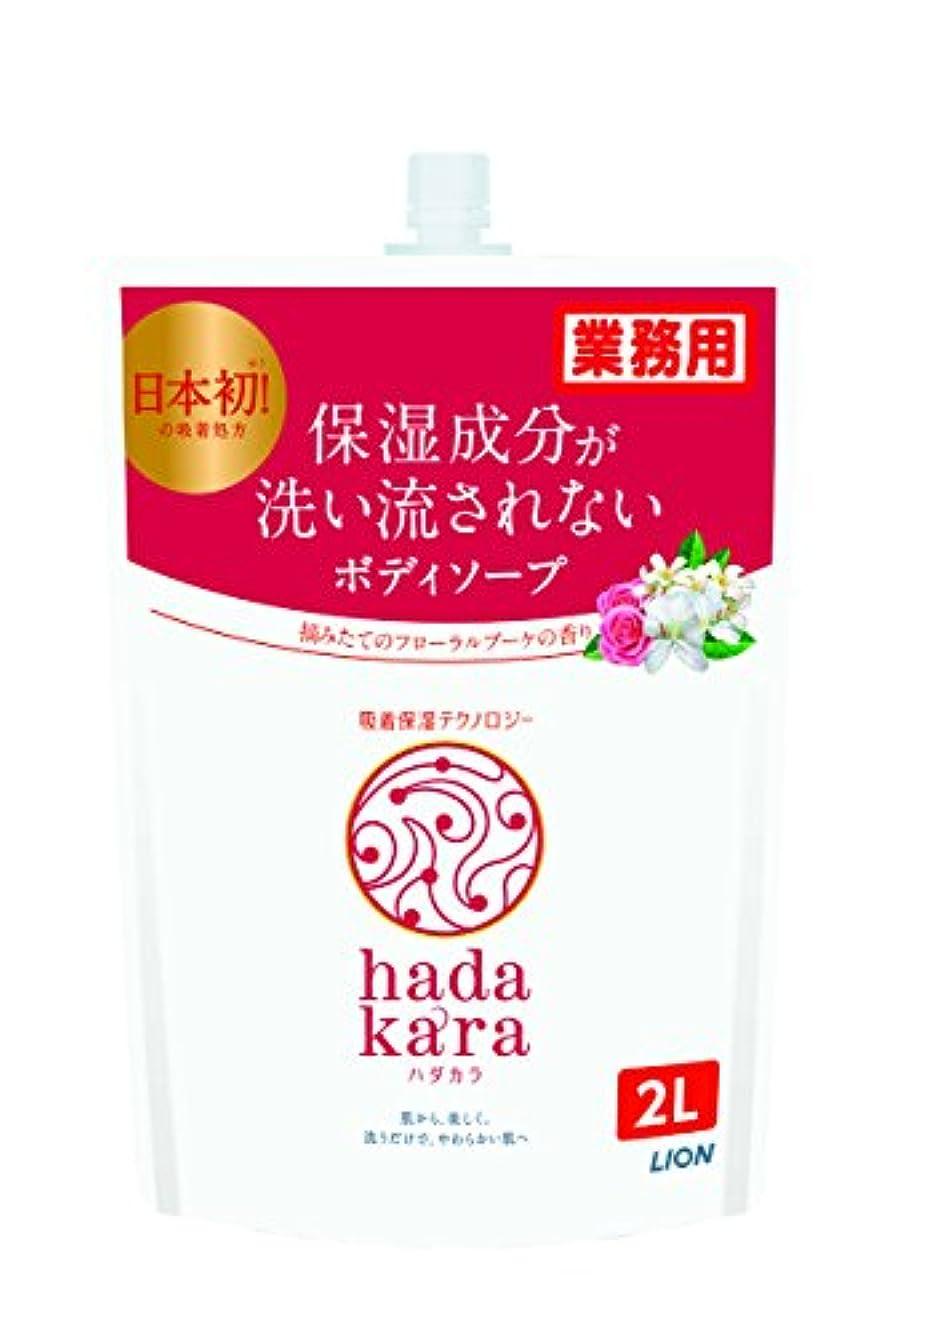 運河結論事実上【大容量】hadakara ハダカラ ボディソープ フローラルブーケの香り 2L